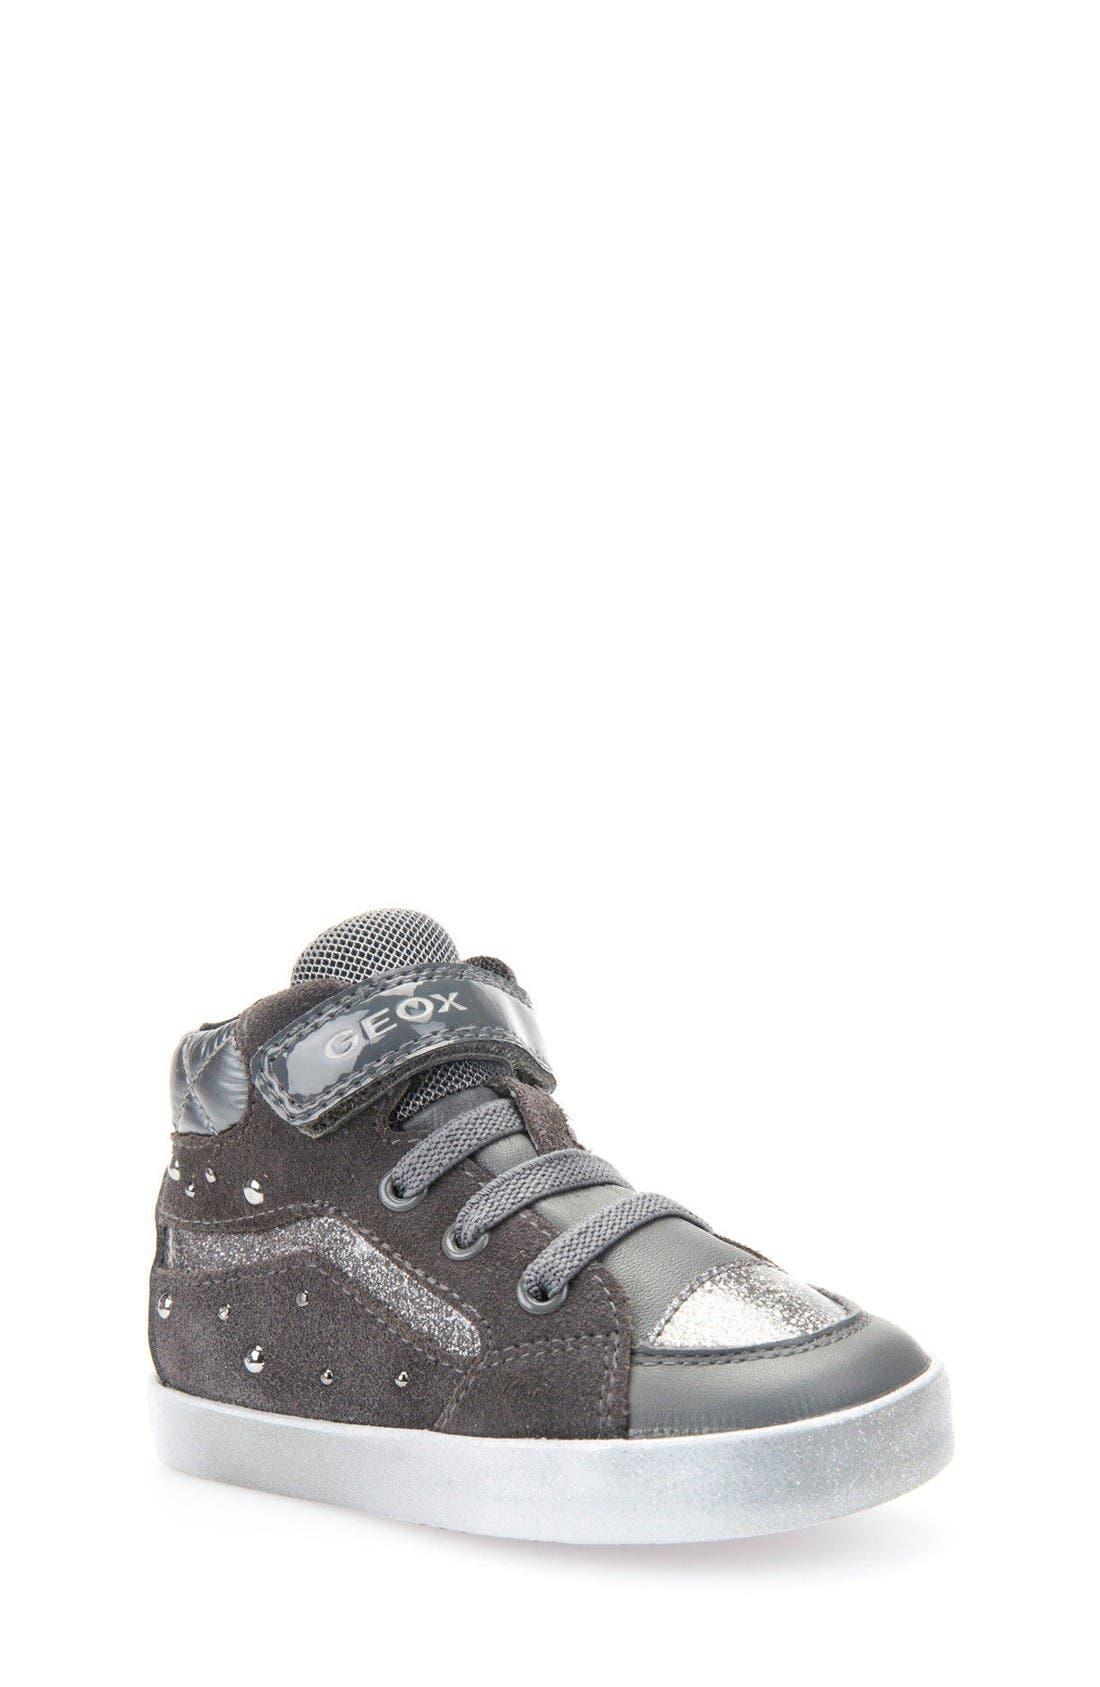 GEOX Kiwi Studded High Top Sneaker